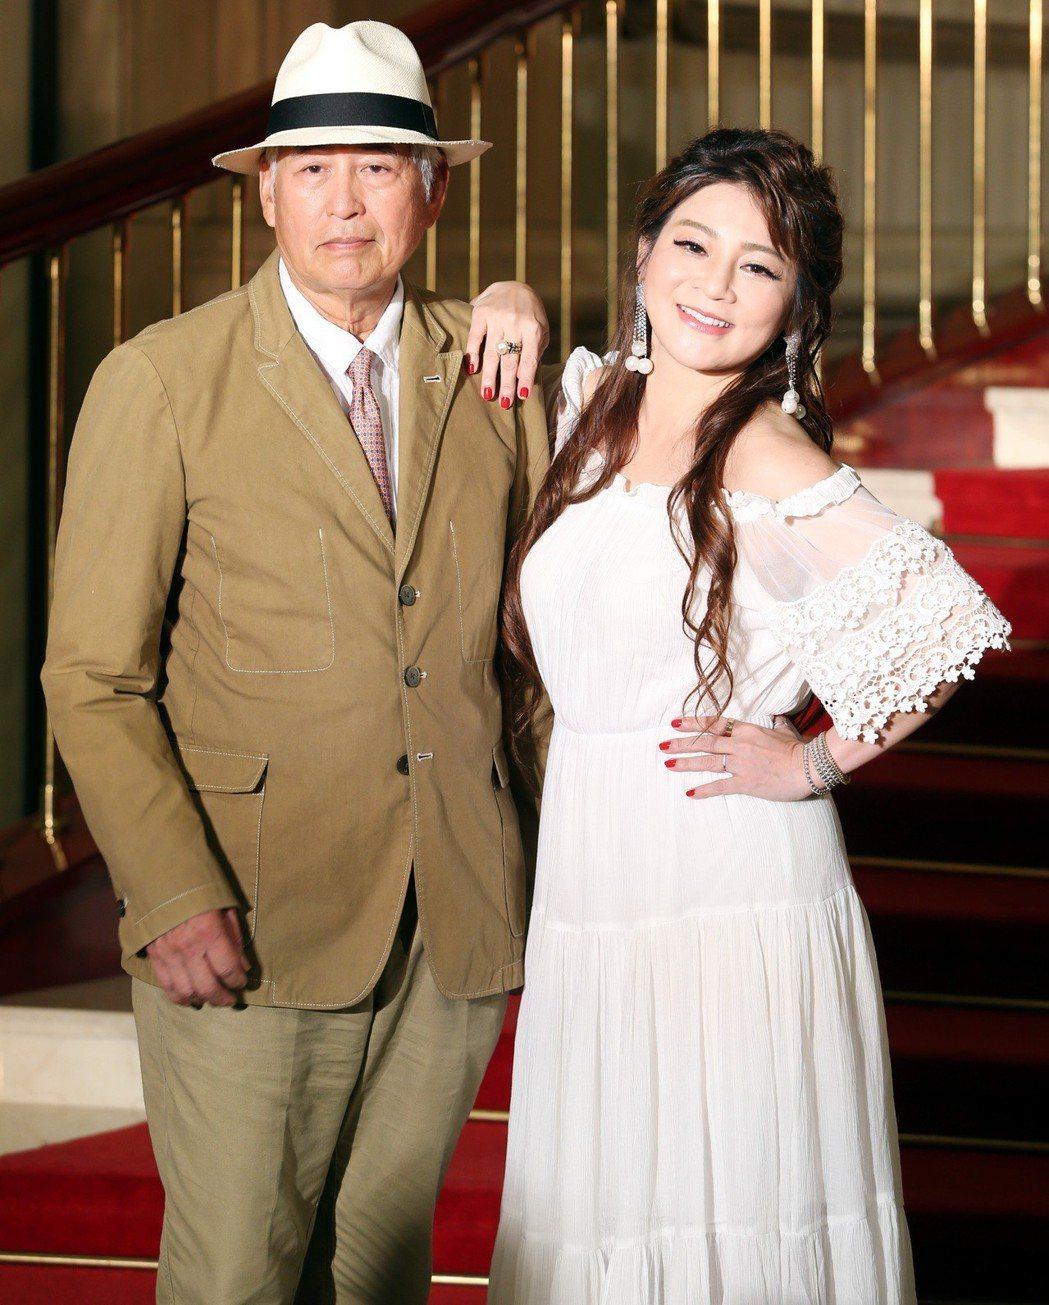 舞台劇「再會吧北投」演員柯一正(左)與王彩樺(右 )昨出席宣傳記者會。記者侯永全...